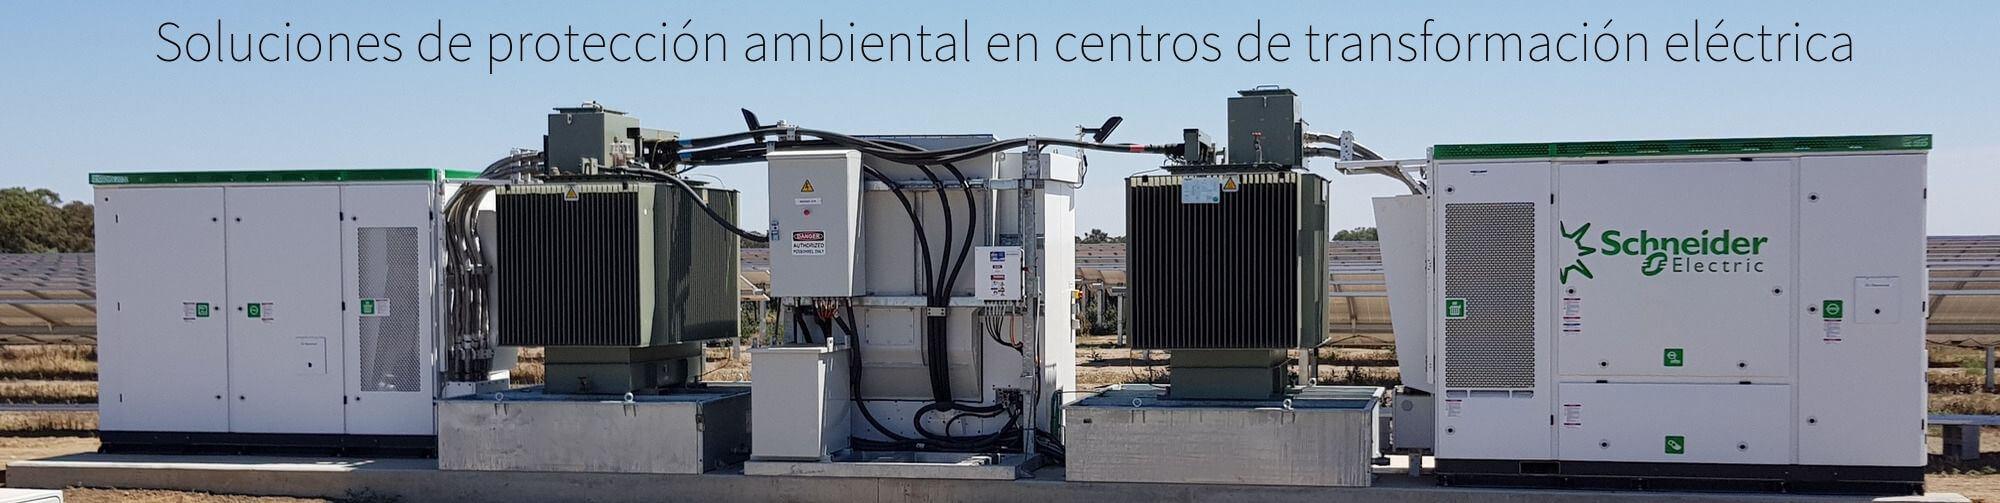 Soluciones de protección ambiental en centros de transformación eléctrica